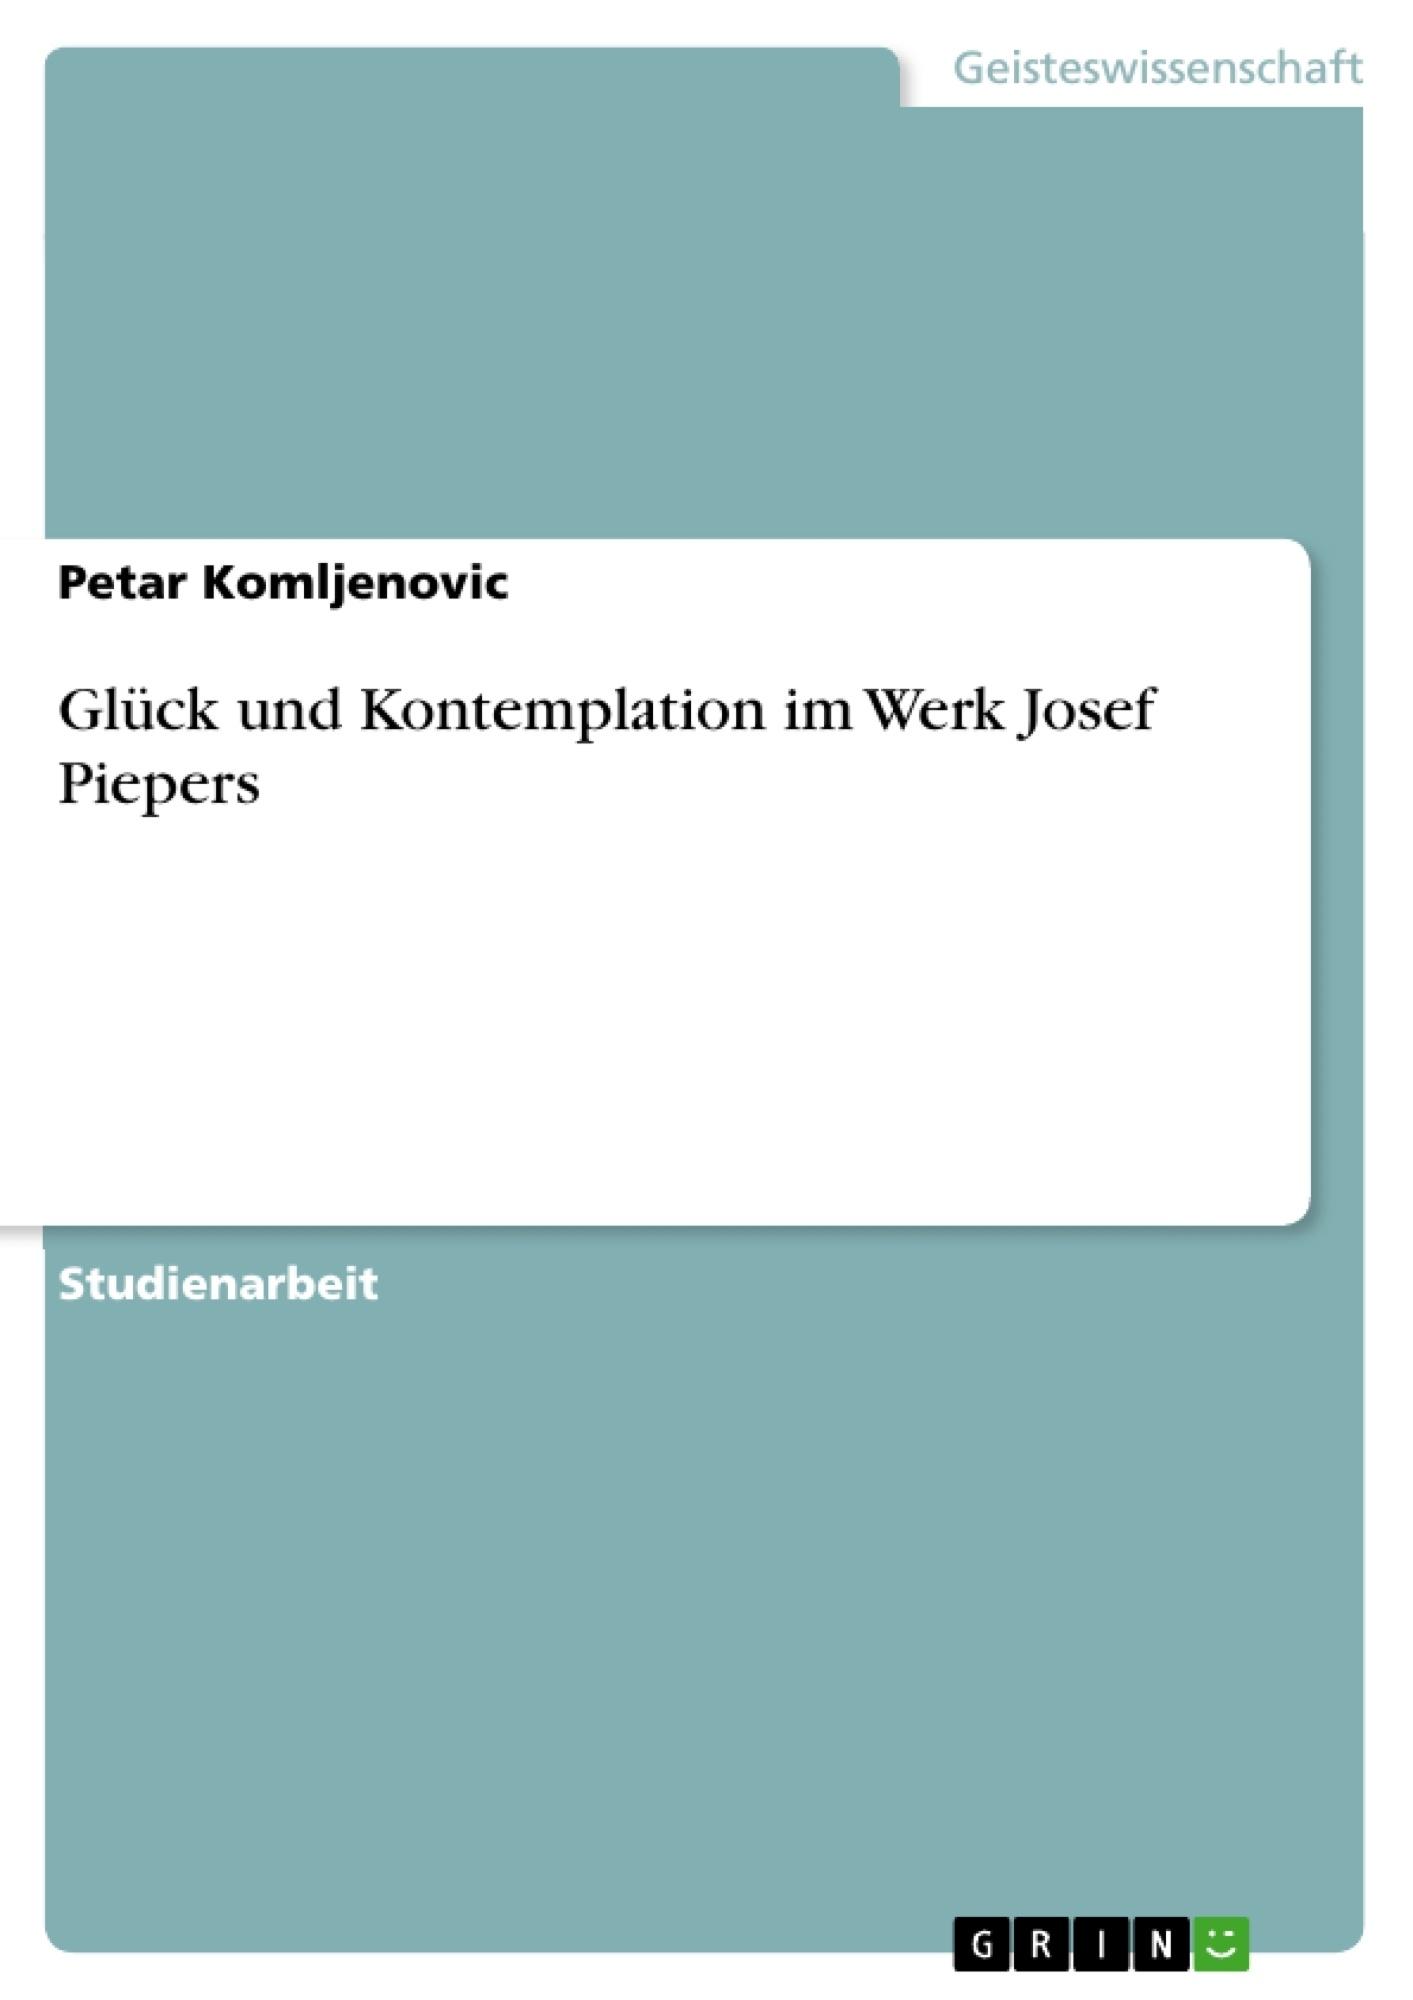 Titel: Glück und Kontemplation im Werk Josef Piepers